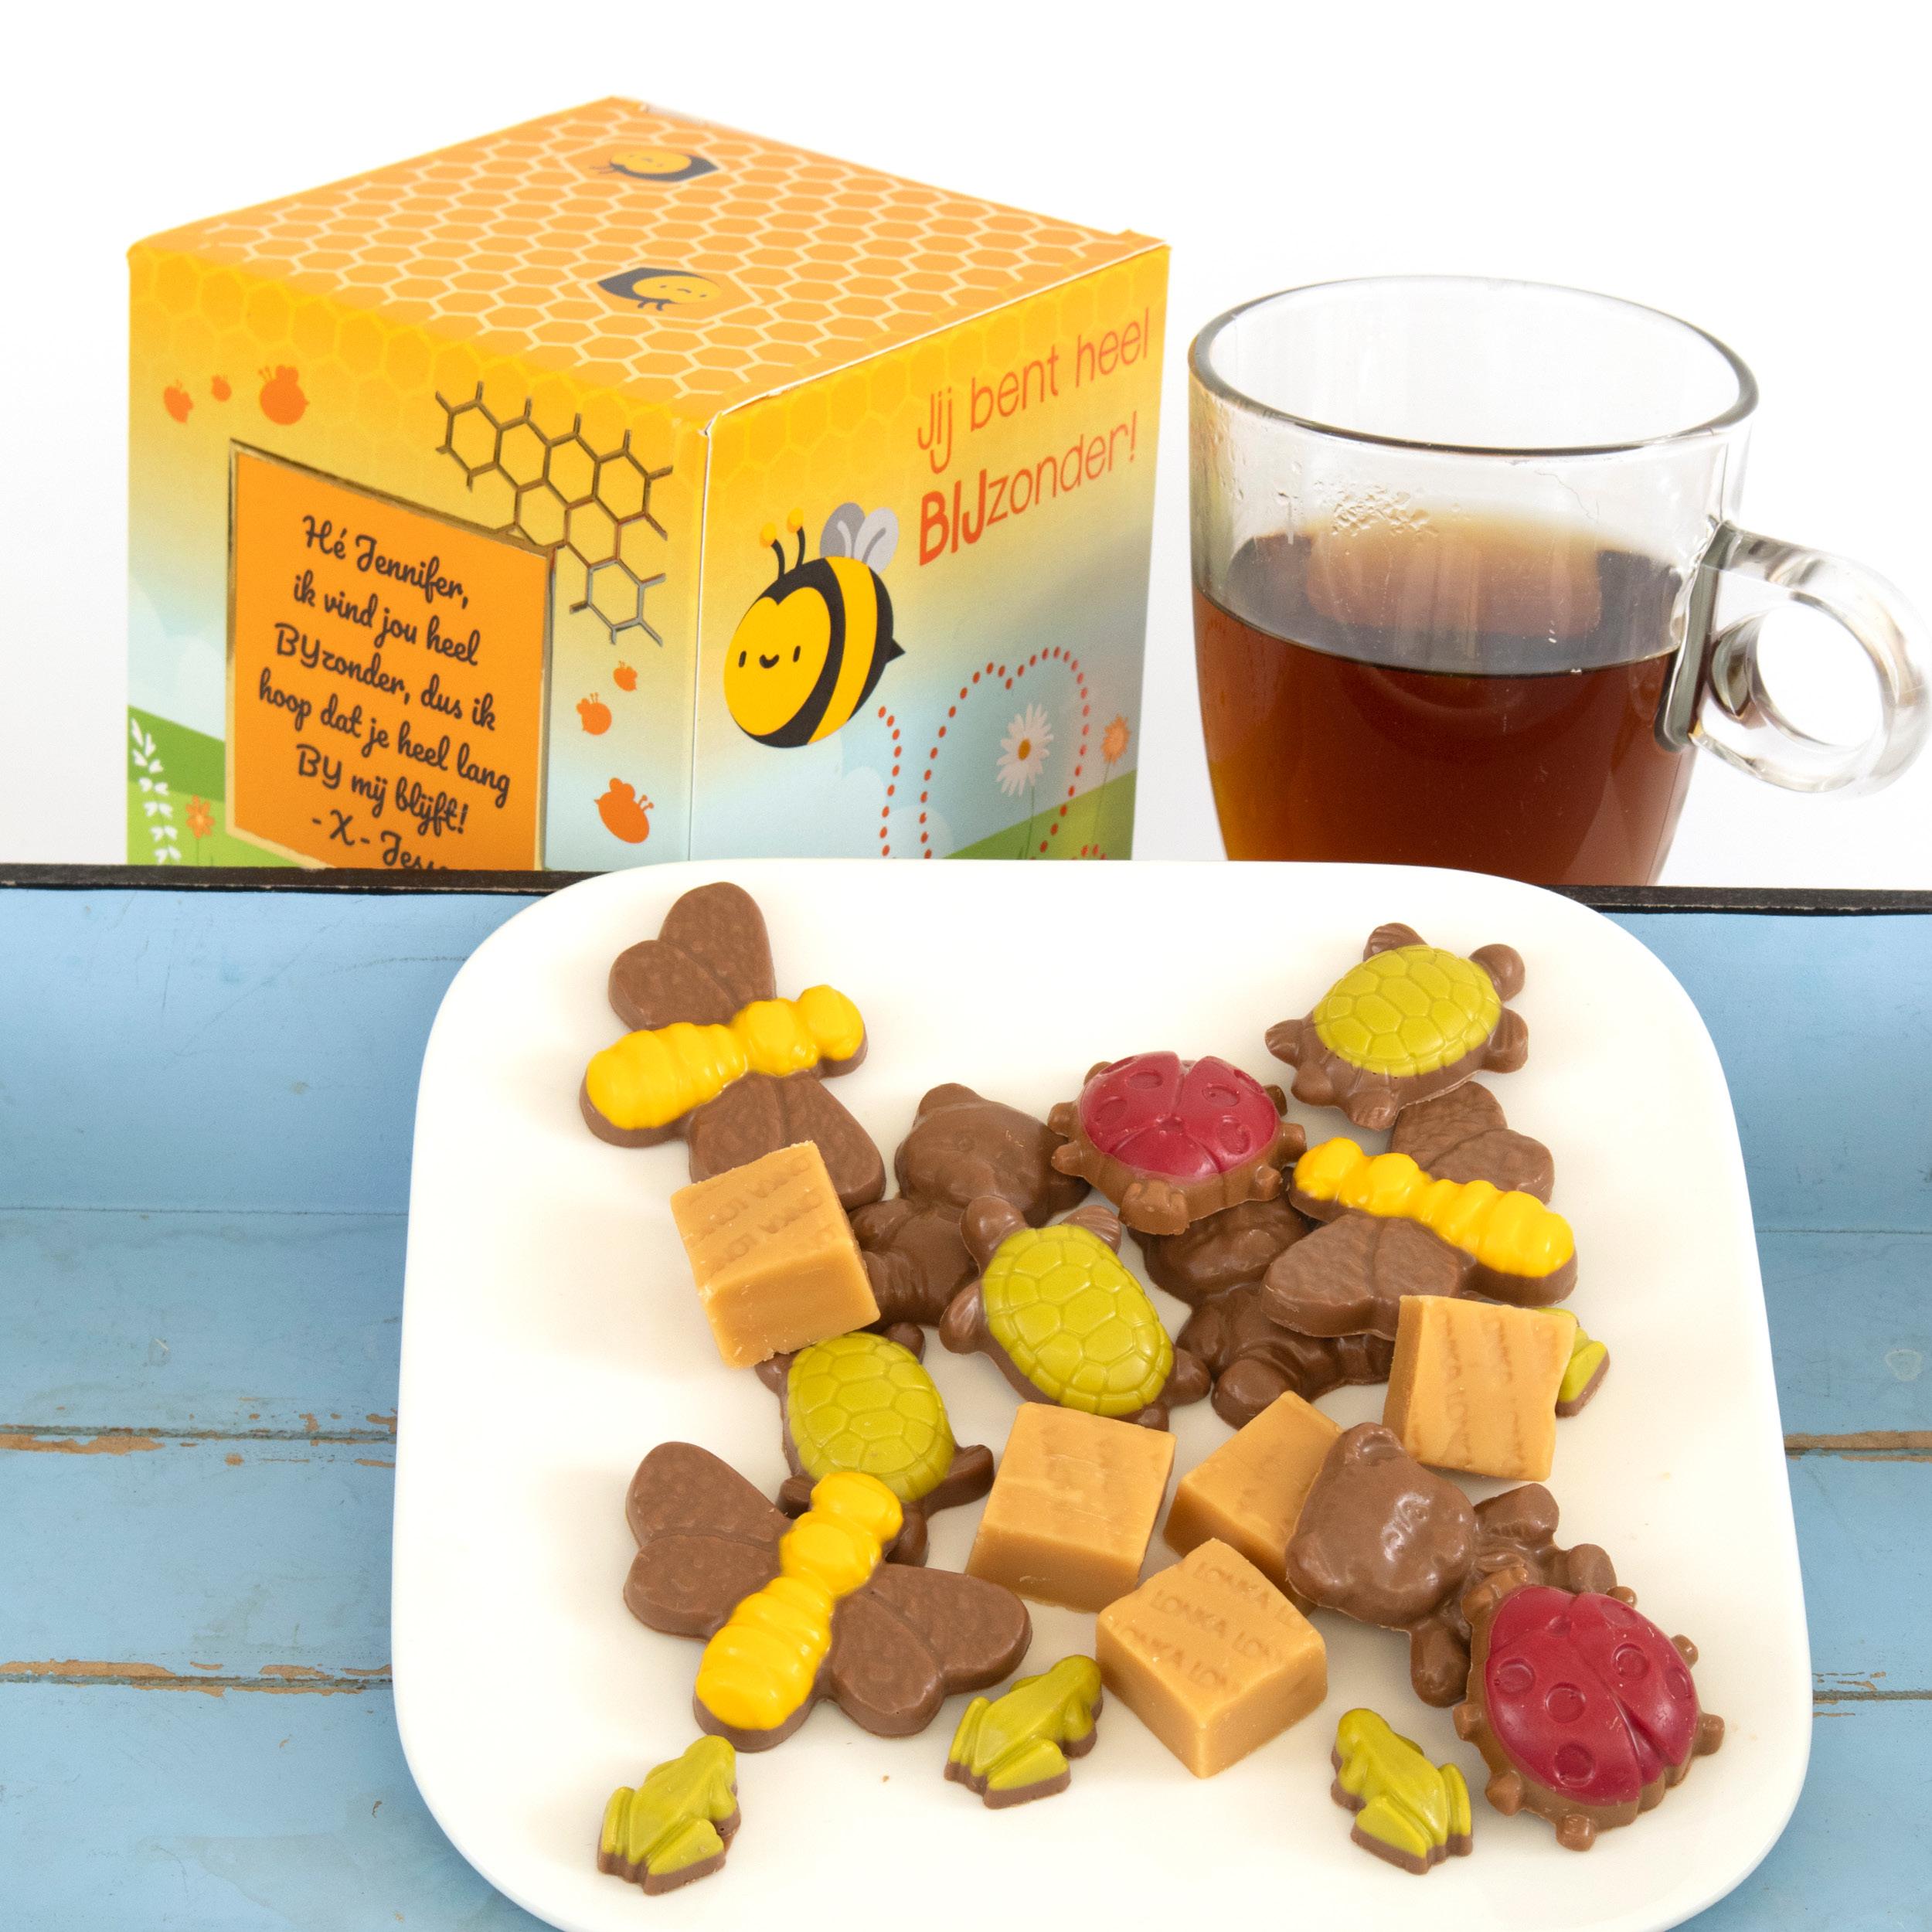 Is jouw vader een snoepkont? Geef hem dan onze heerlijke chocolade in één van onze BonBoxen.